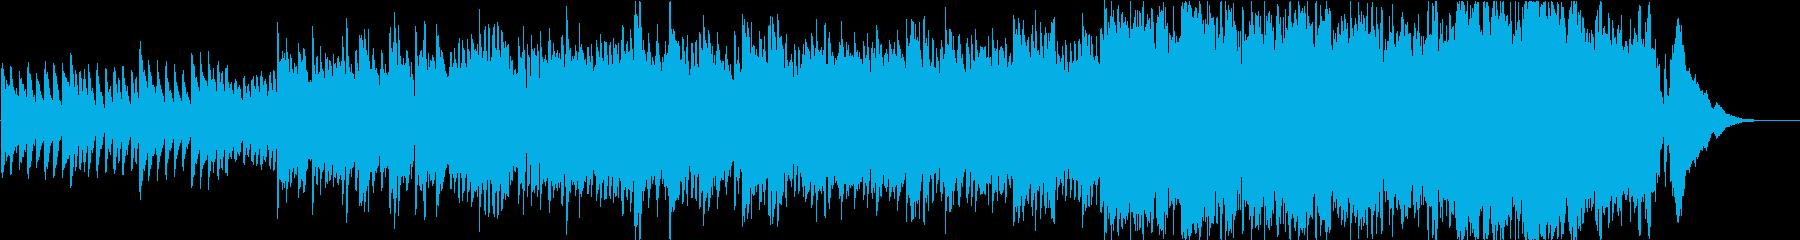 温かい気持ちに優しく包まれるようなBGMの再生済みの波形